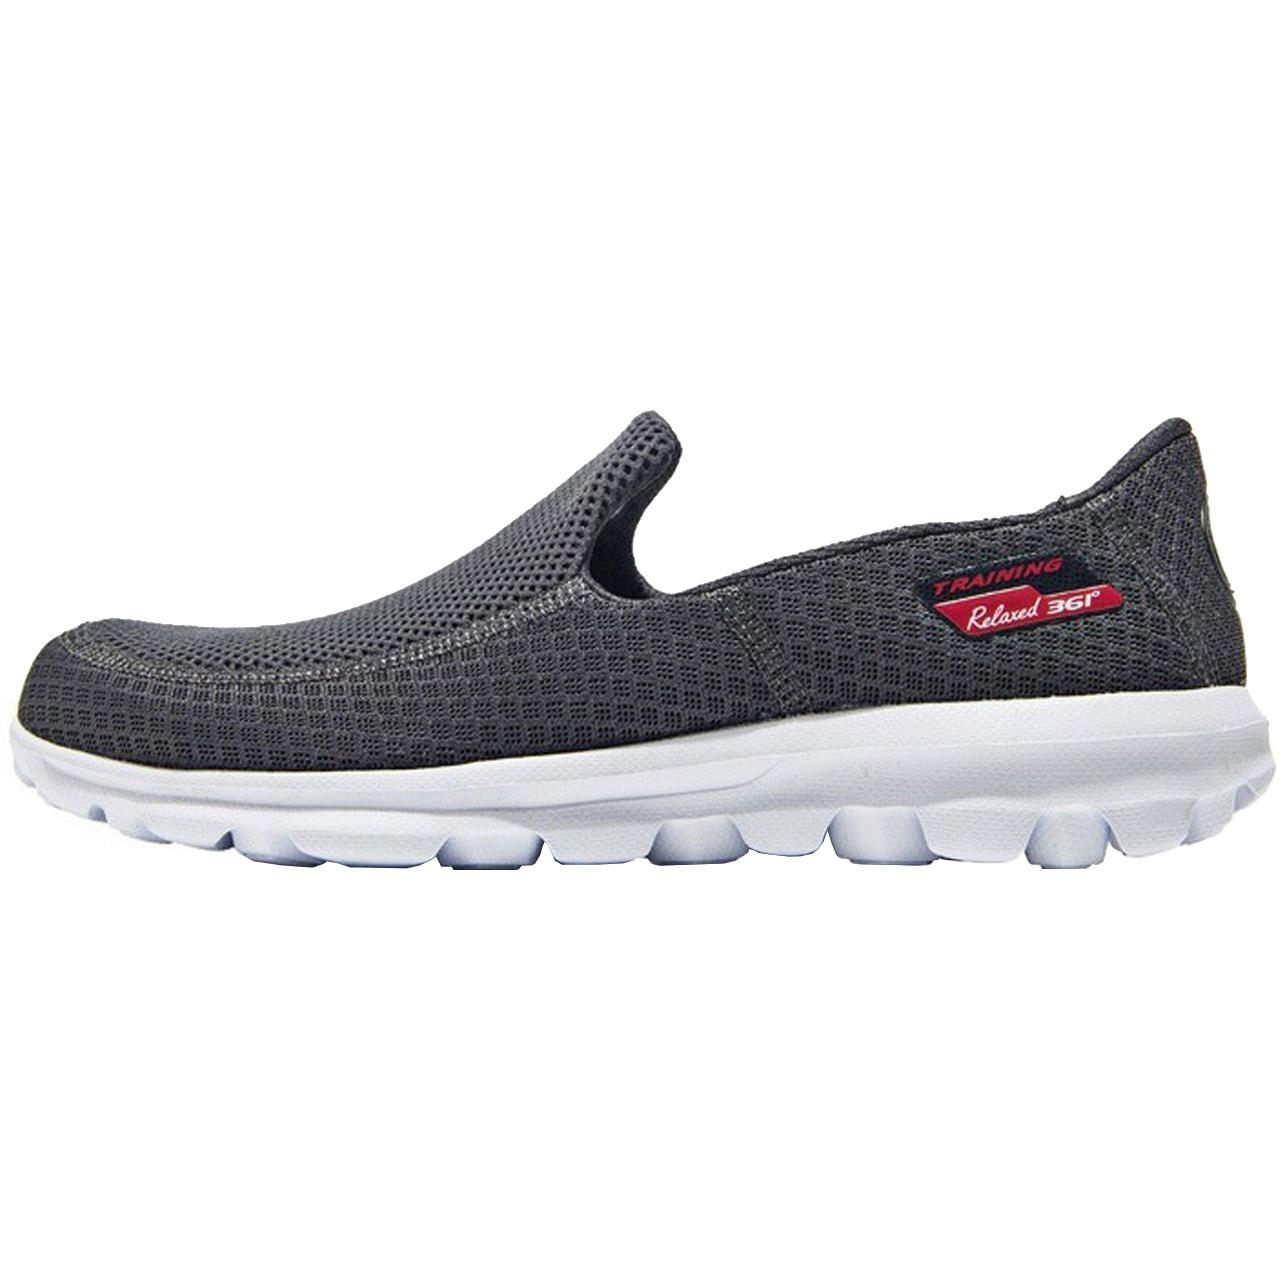 کفش مخصوص پیاده روی زنانه 361 درجه کد 571824435